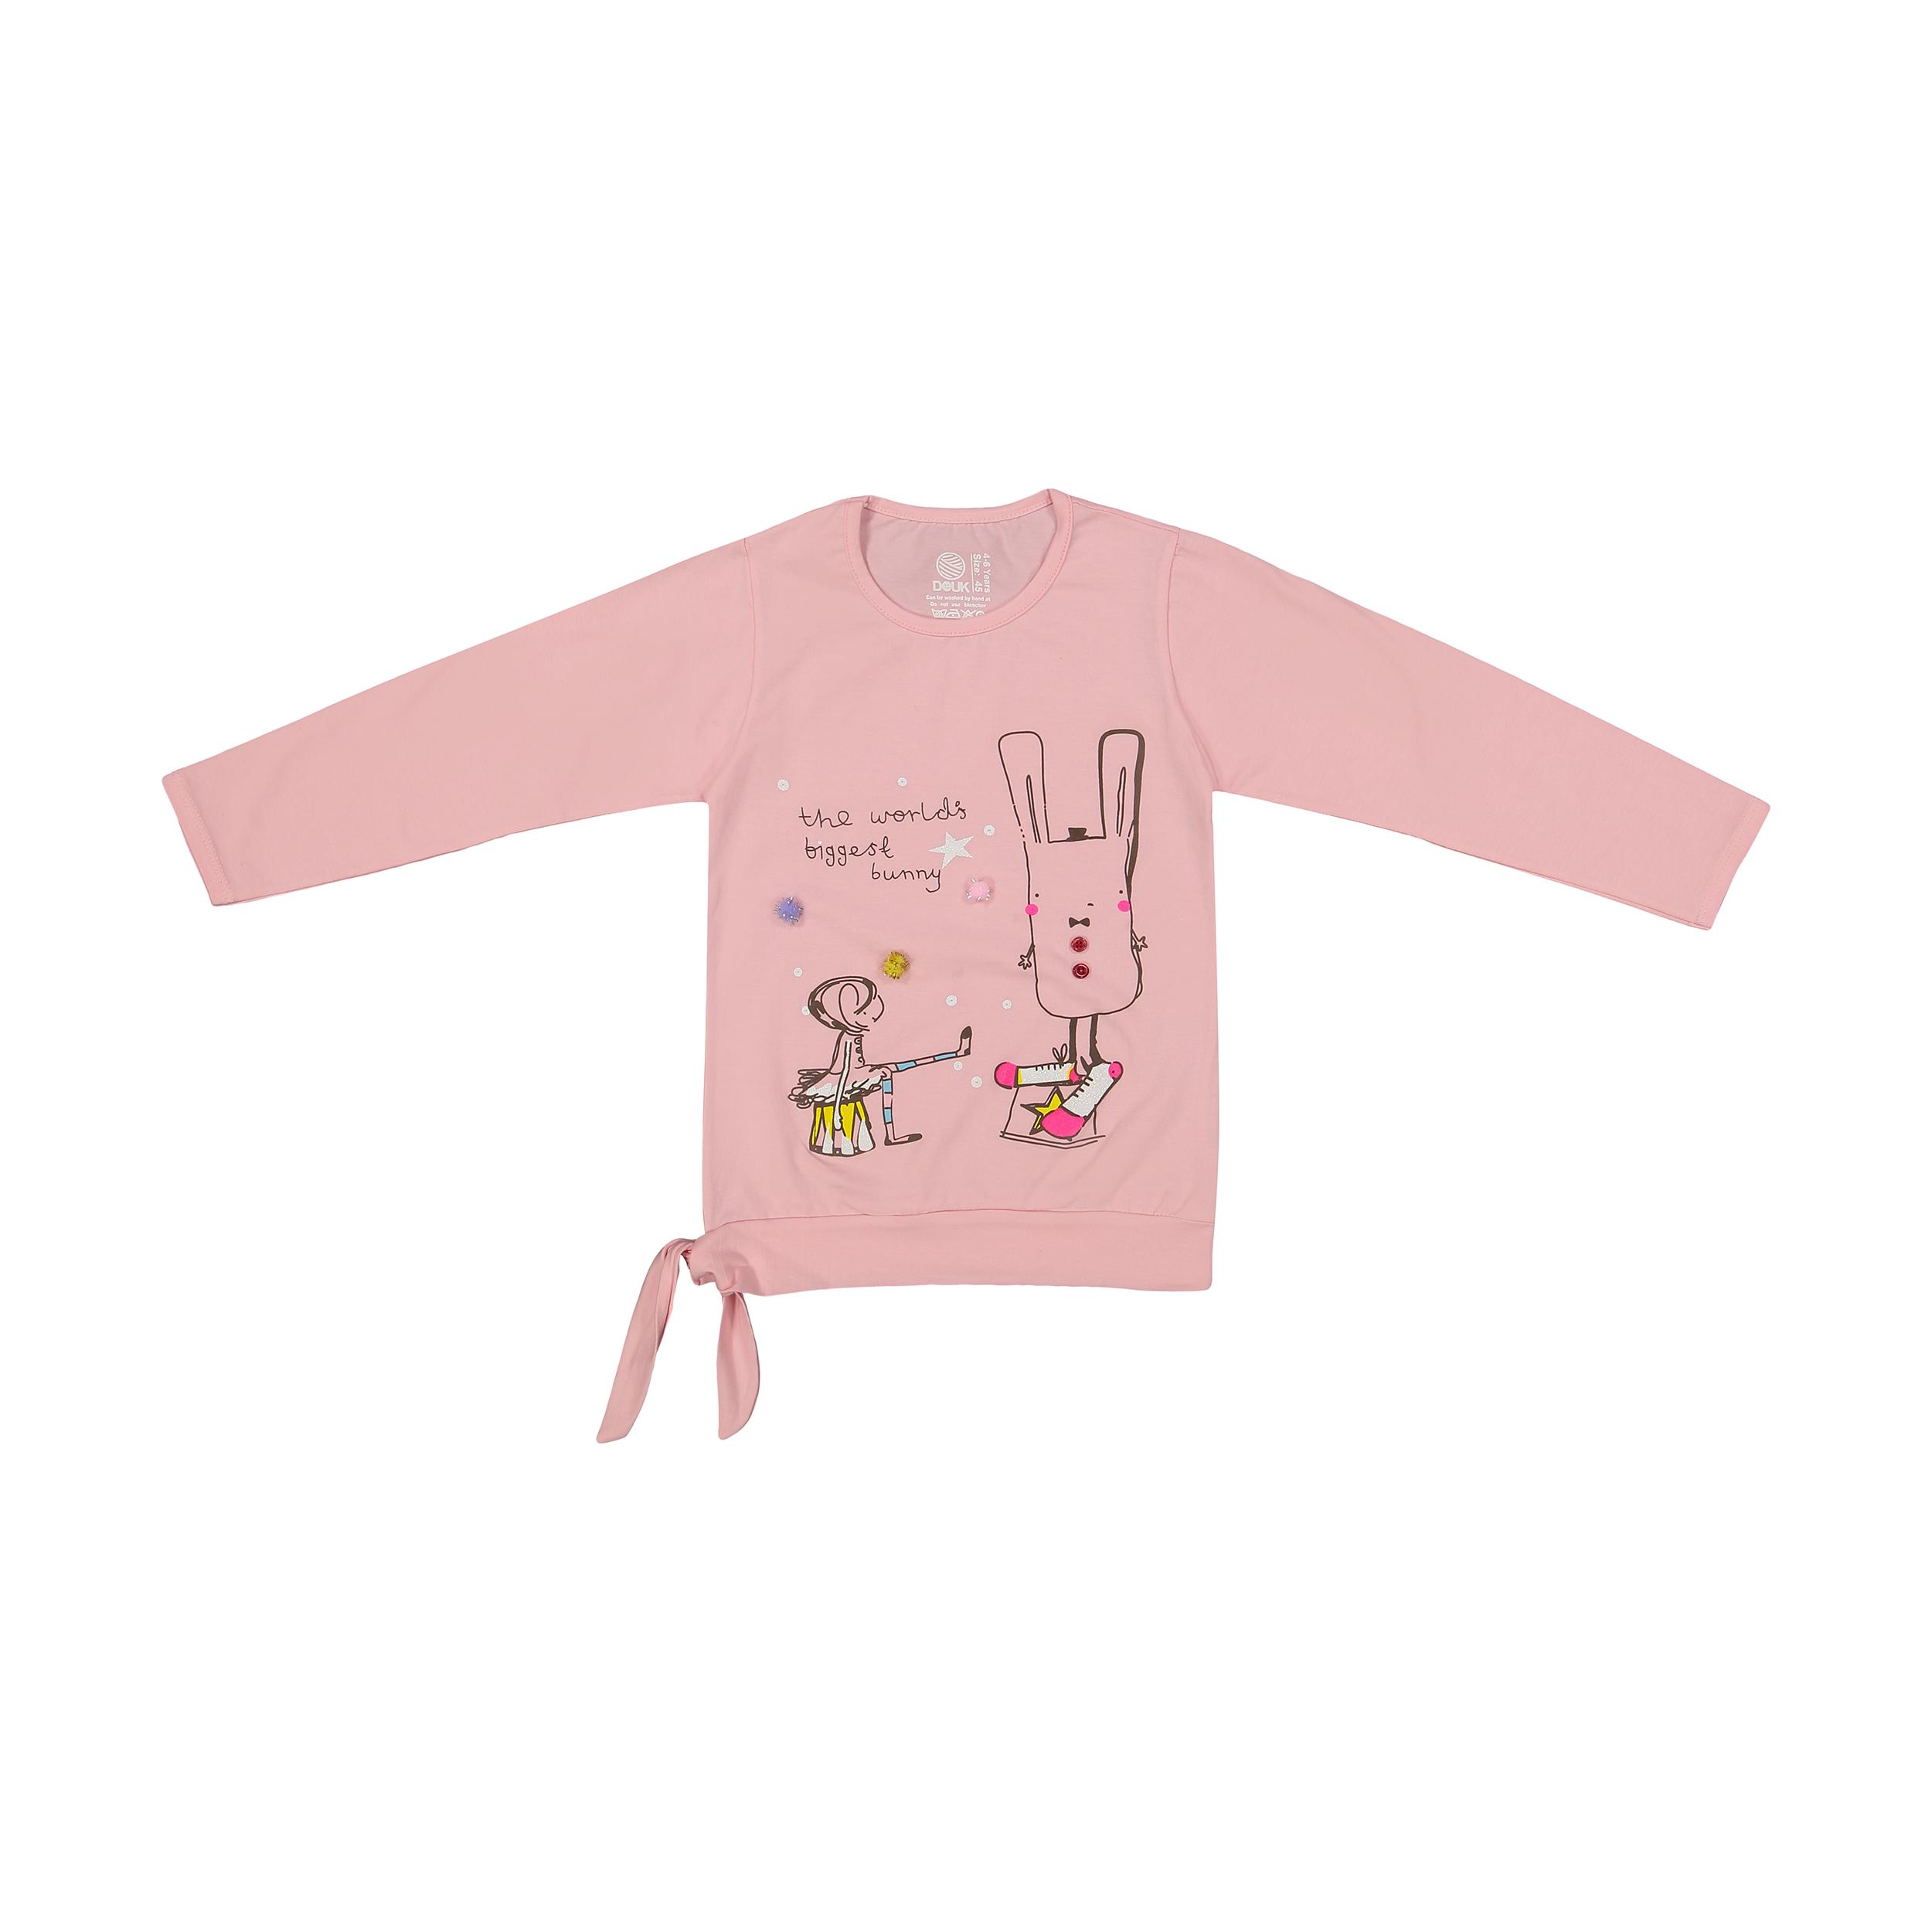 تی شرت دخترانه سون پون مدل 1391358-21